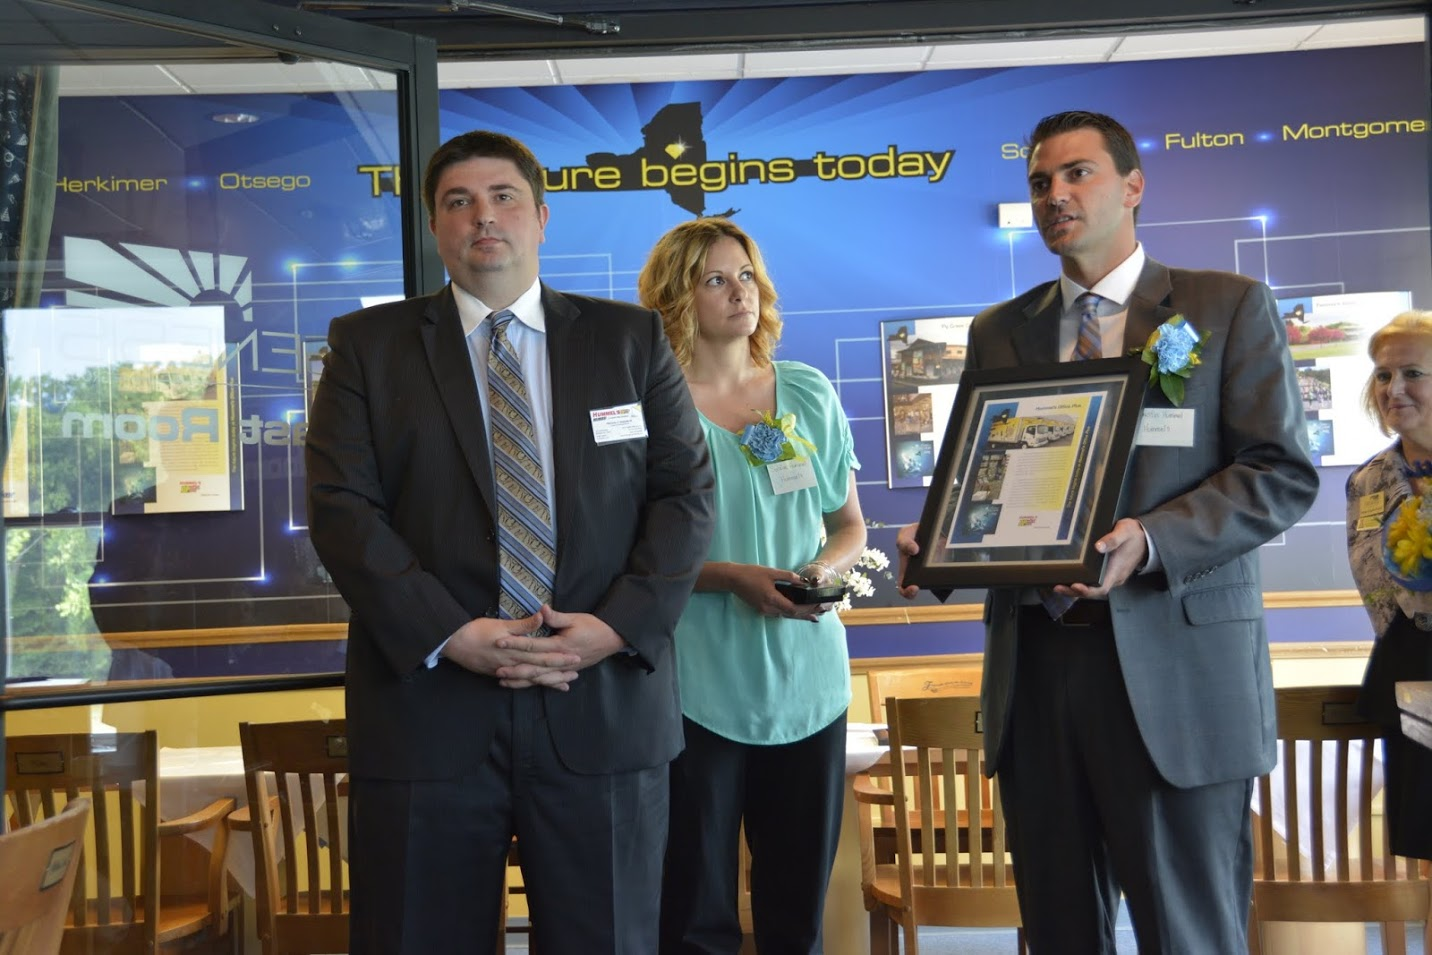 Gems of Distinction Award Recipient